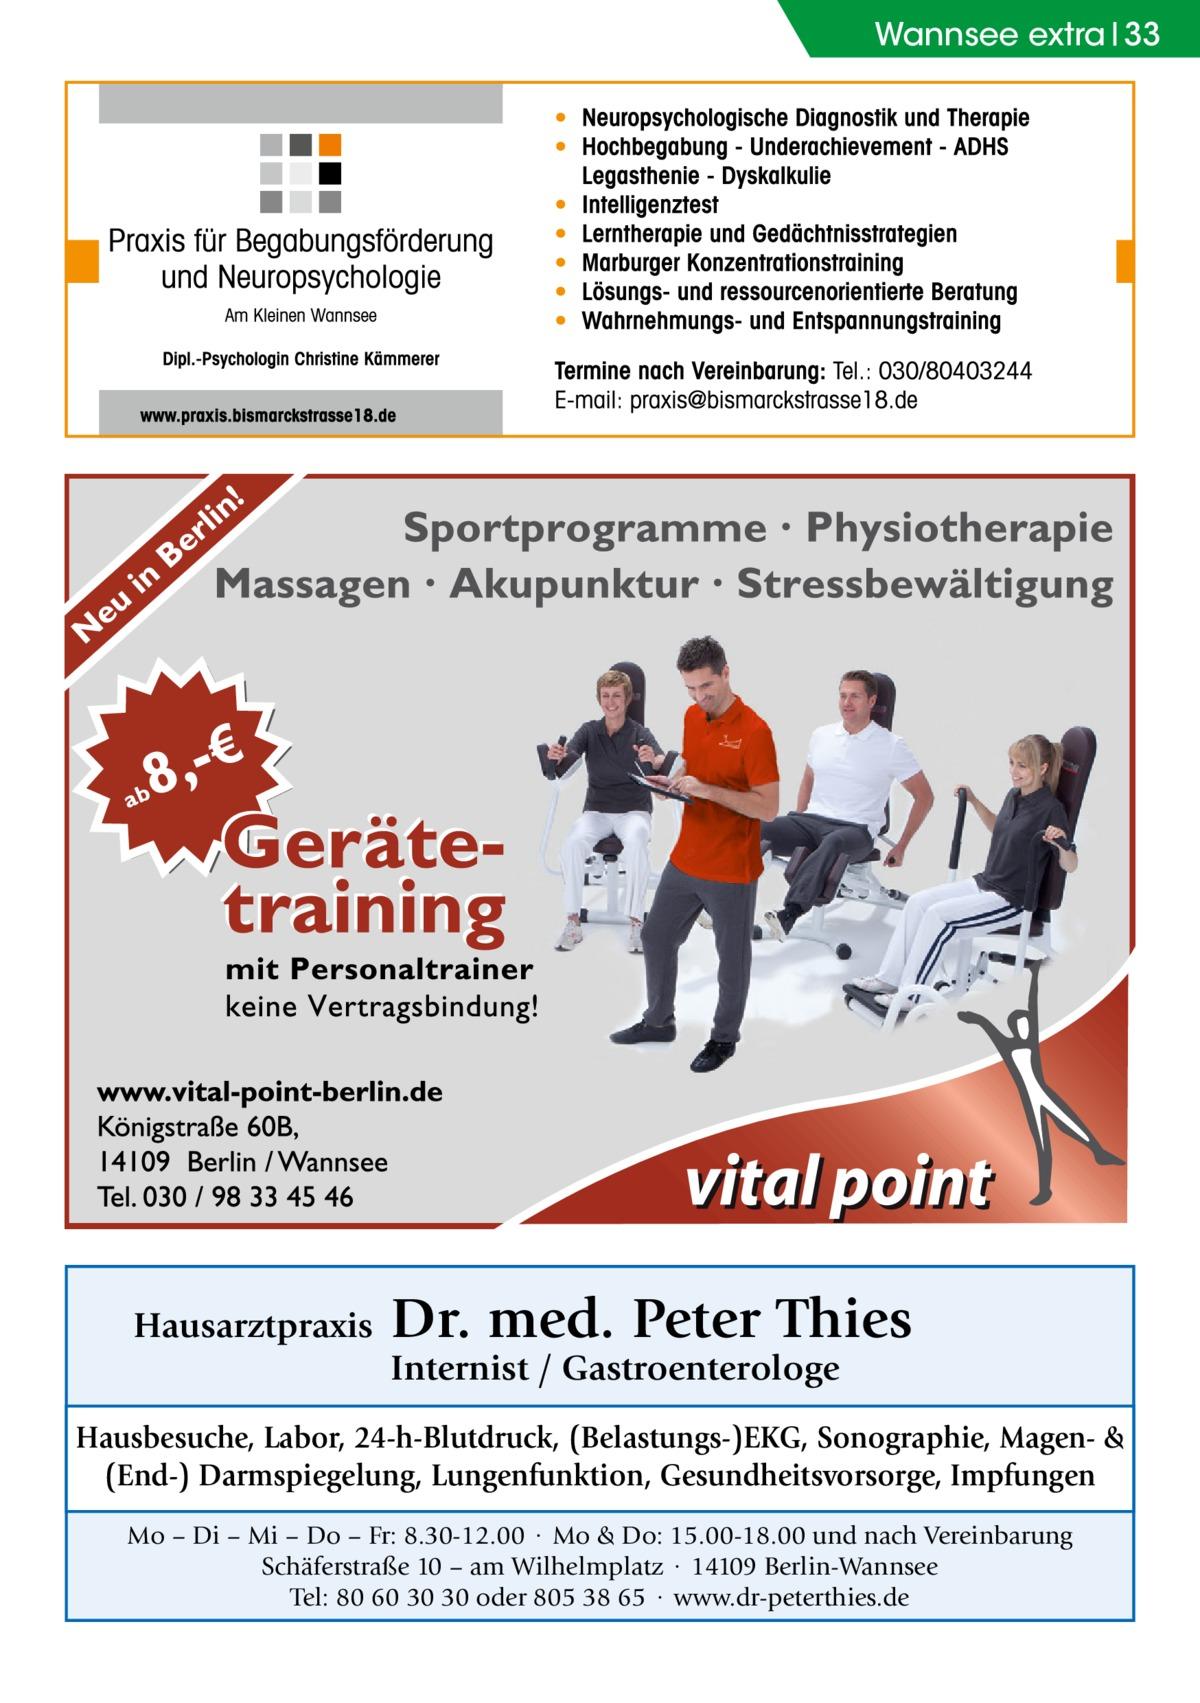 Wannsee extra 33  Hausarztpraxis  Dr. med. Peter Thies Internist / Gastroenterologe  Hausbesuche, Labor, 24-h-Blutdruck, (Belastungs-)EKG, Sonographie, Magen- & (End-) Darmspiegelung, Lungenfunktion, Gesundheitsvorsorge, Impfungen Mo – Di – Mi – Do – Fr: 8.30-12.00 · Mo & Do: 15.00-18.00 und nach Vereinbarung Schäferstraße 10 – am Wilhelmplatz · 14109 Berlin-Wannsee Tel: 80 60 30 30 oder 805 38 65 · www.dr-peterthies.de